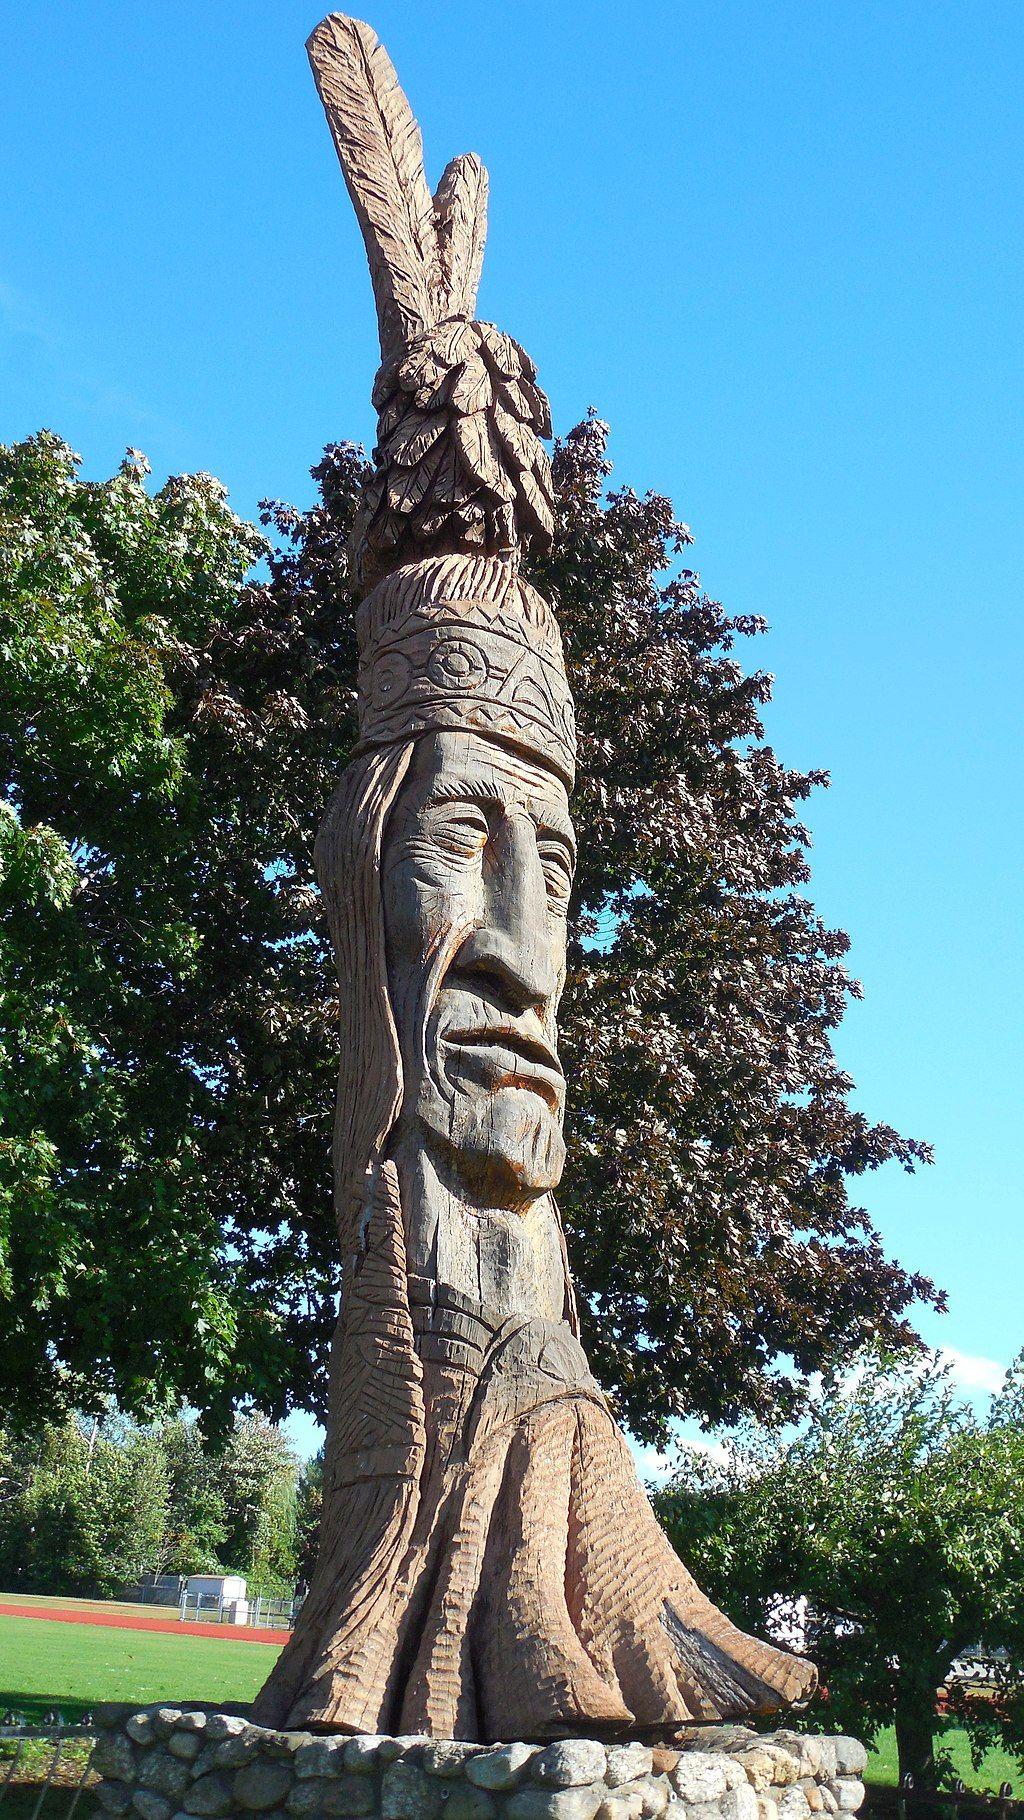 Statue in Opechee Park Cove Beach